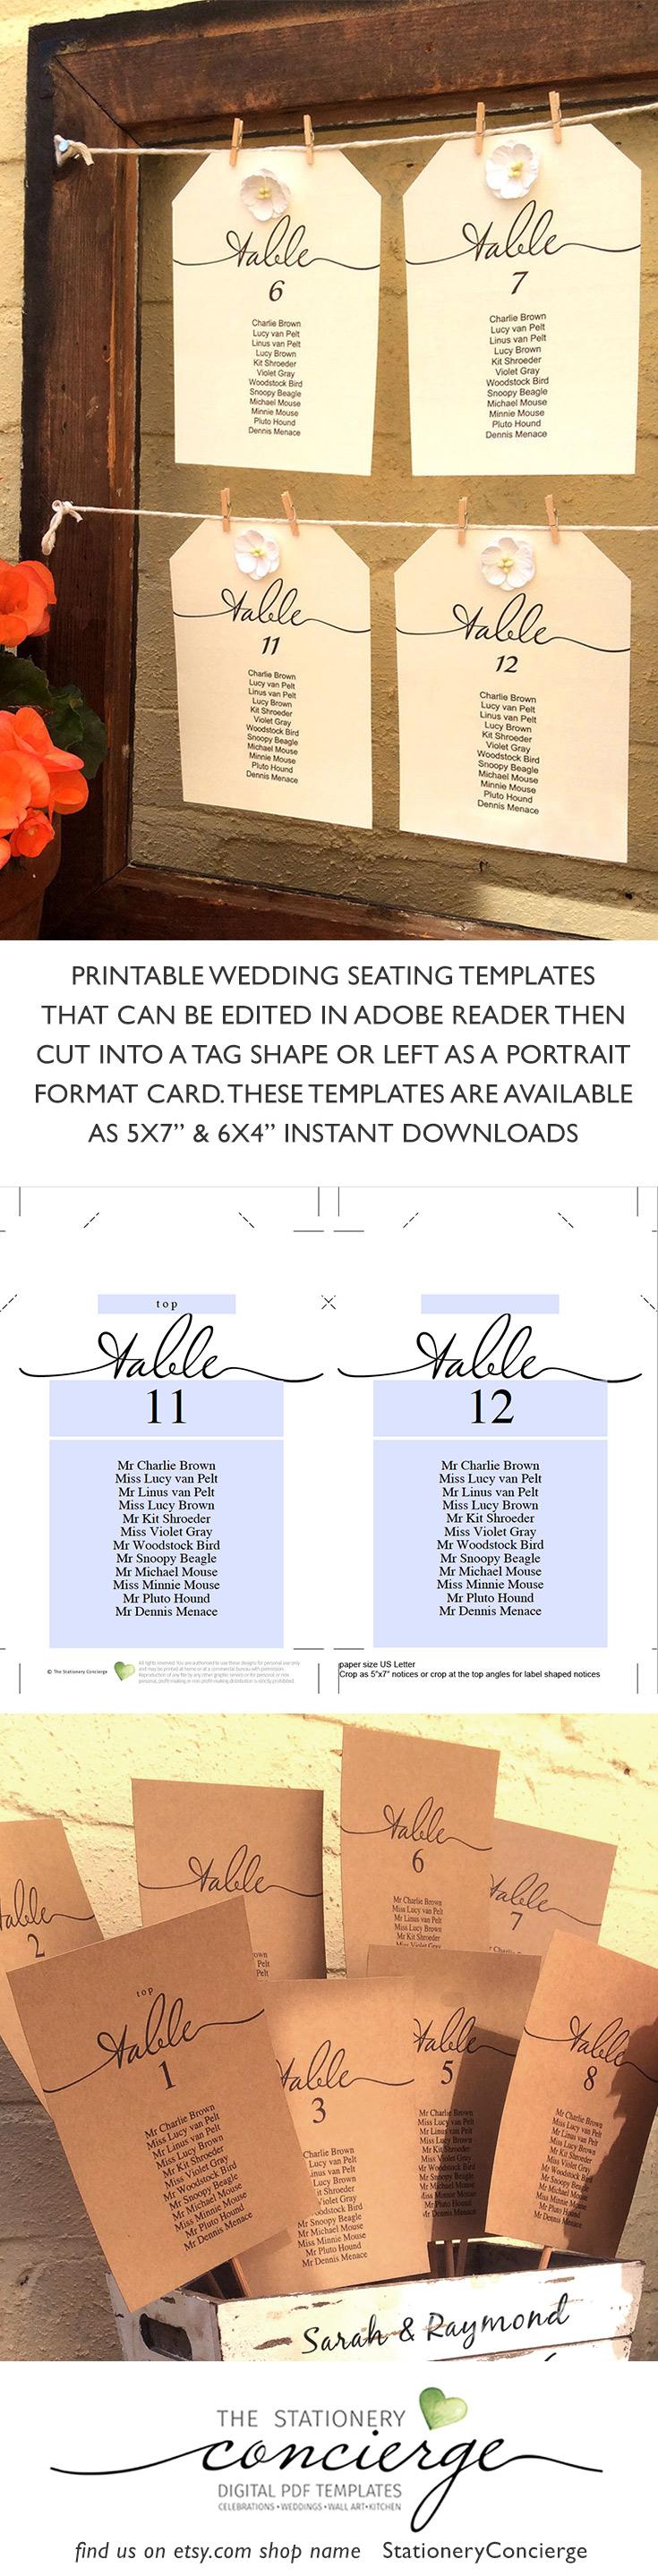 Elegant Long Individual Table Wedding Seat Chart Script Font Etsy Seating Chart Wedding Wedding Table Seating Seating Chart Wedding Template